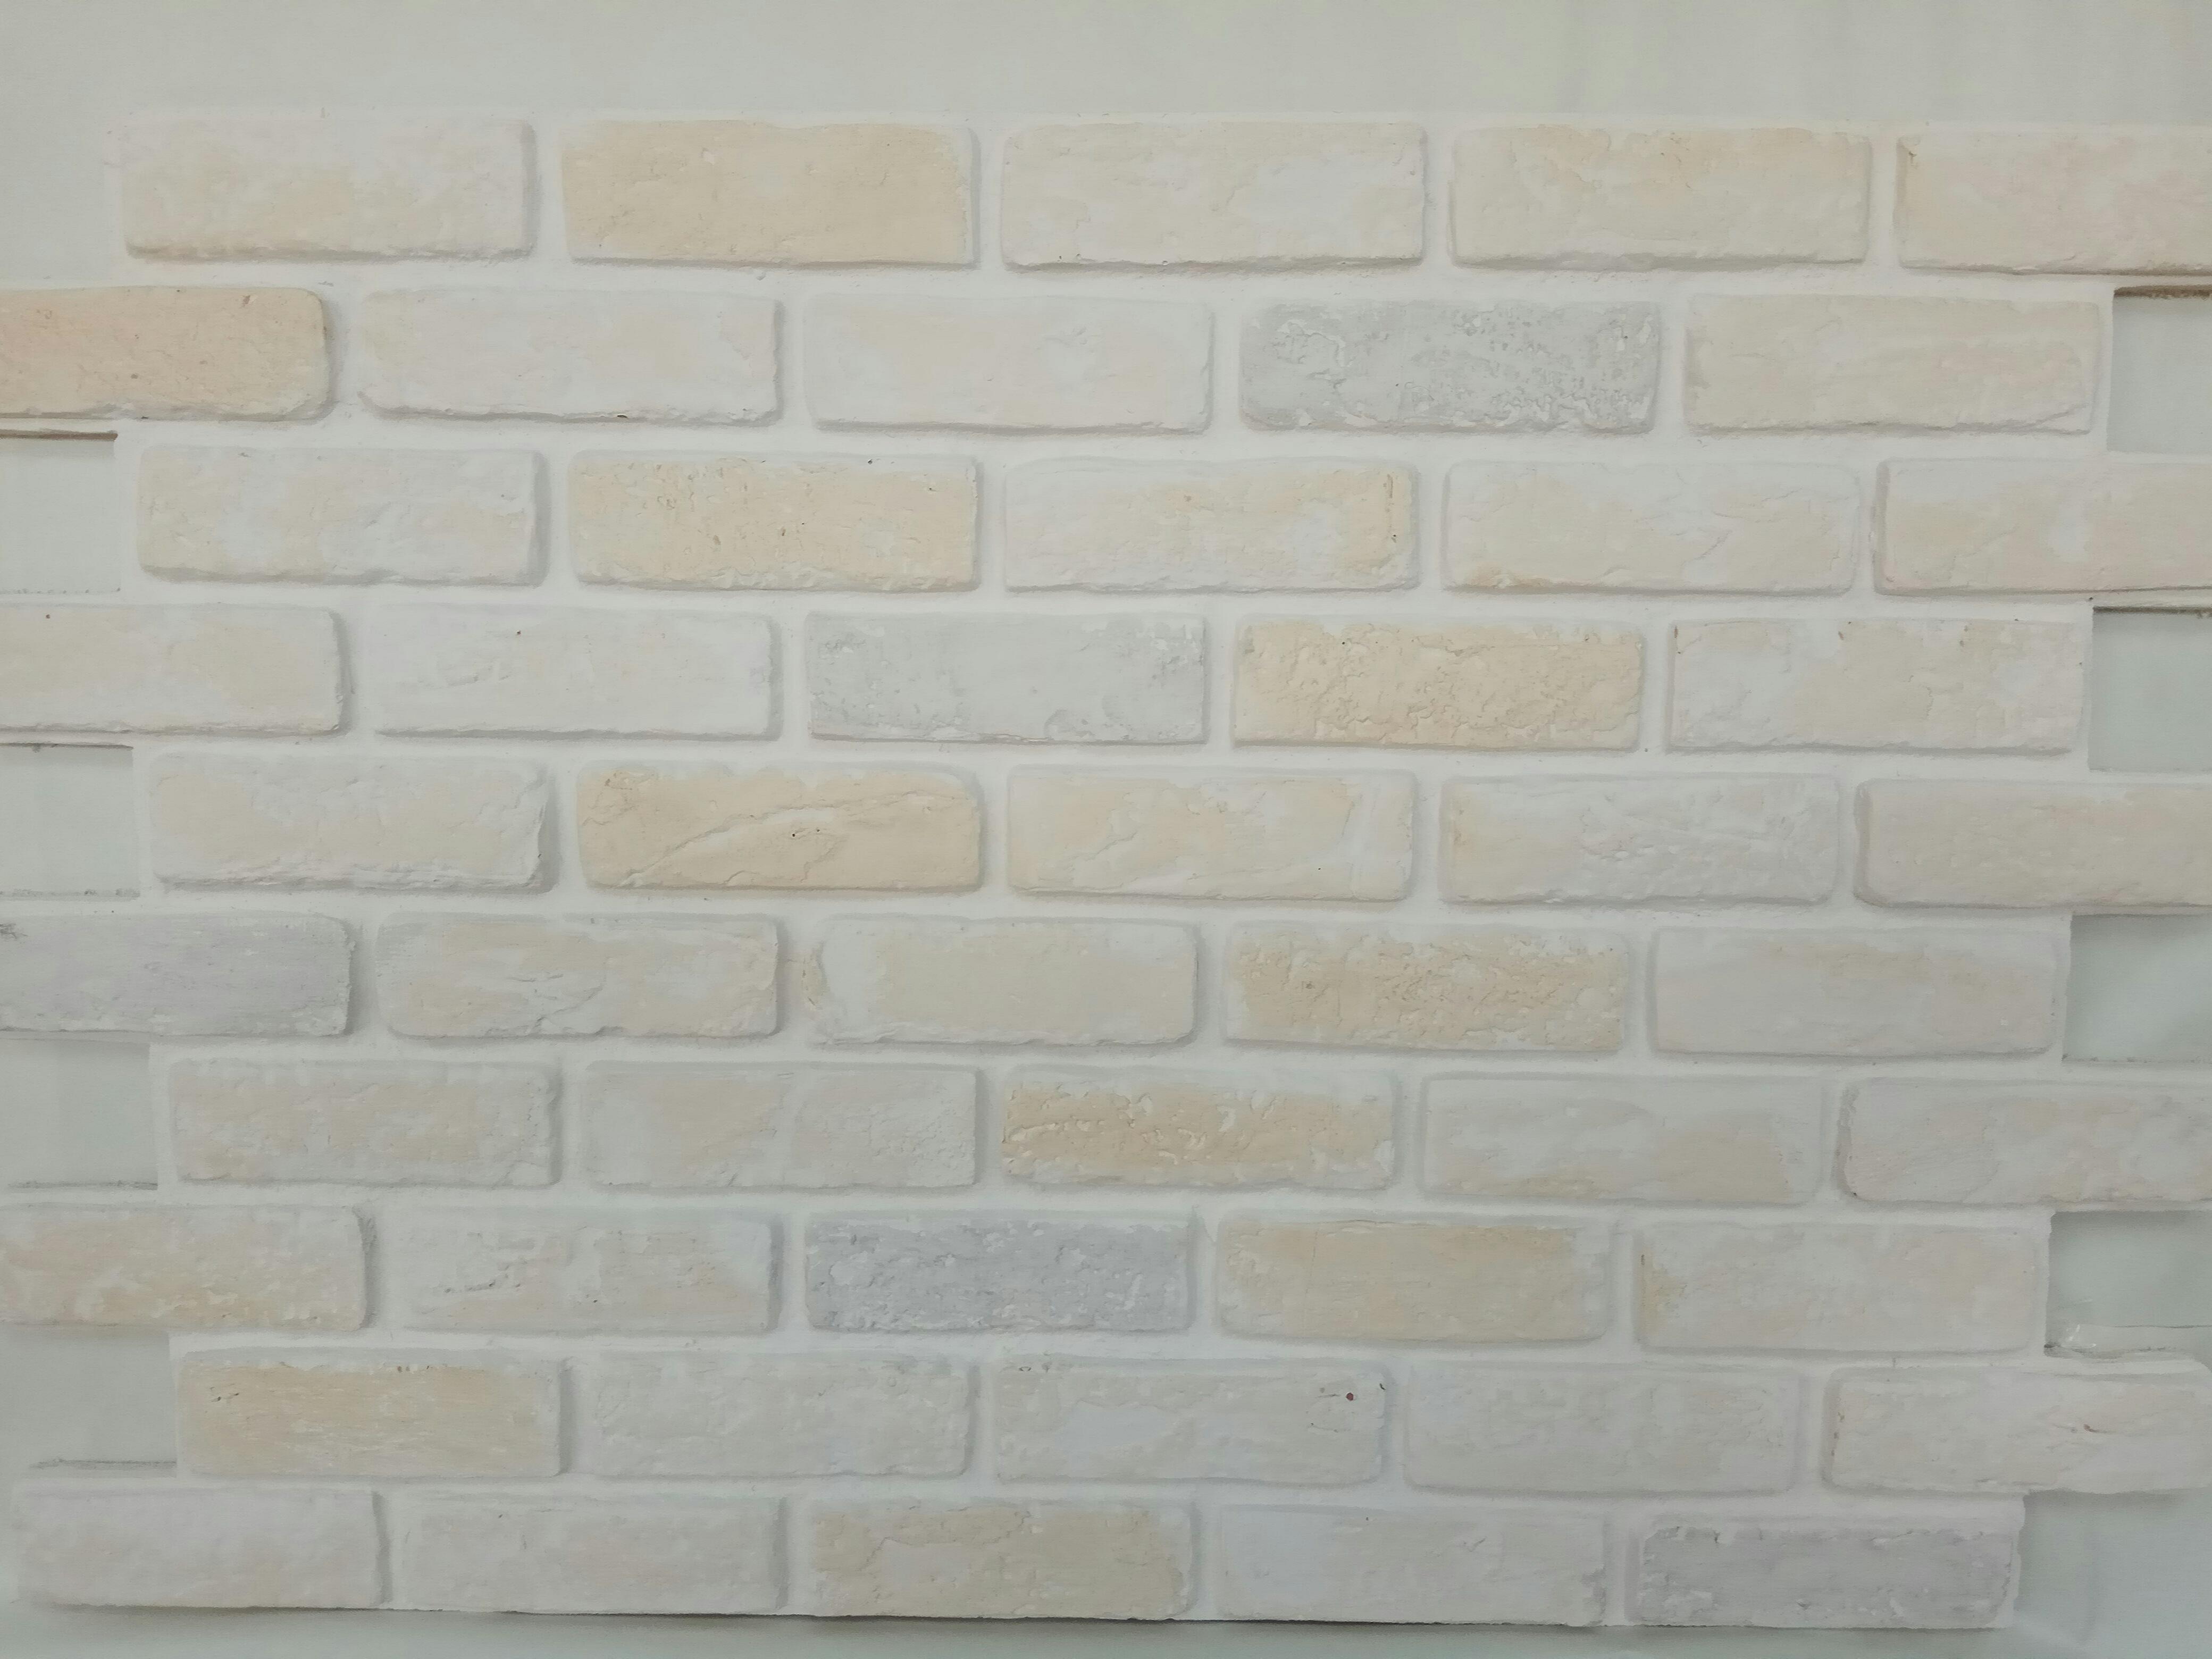 מאוד חיפוי קירות| בול פרקט |חיפוי קירות דמוי אבן QH-15